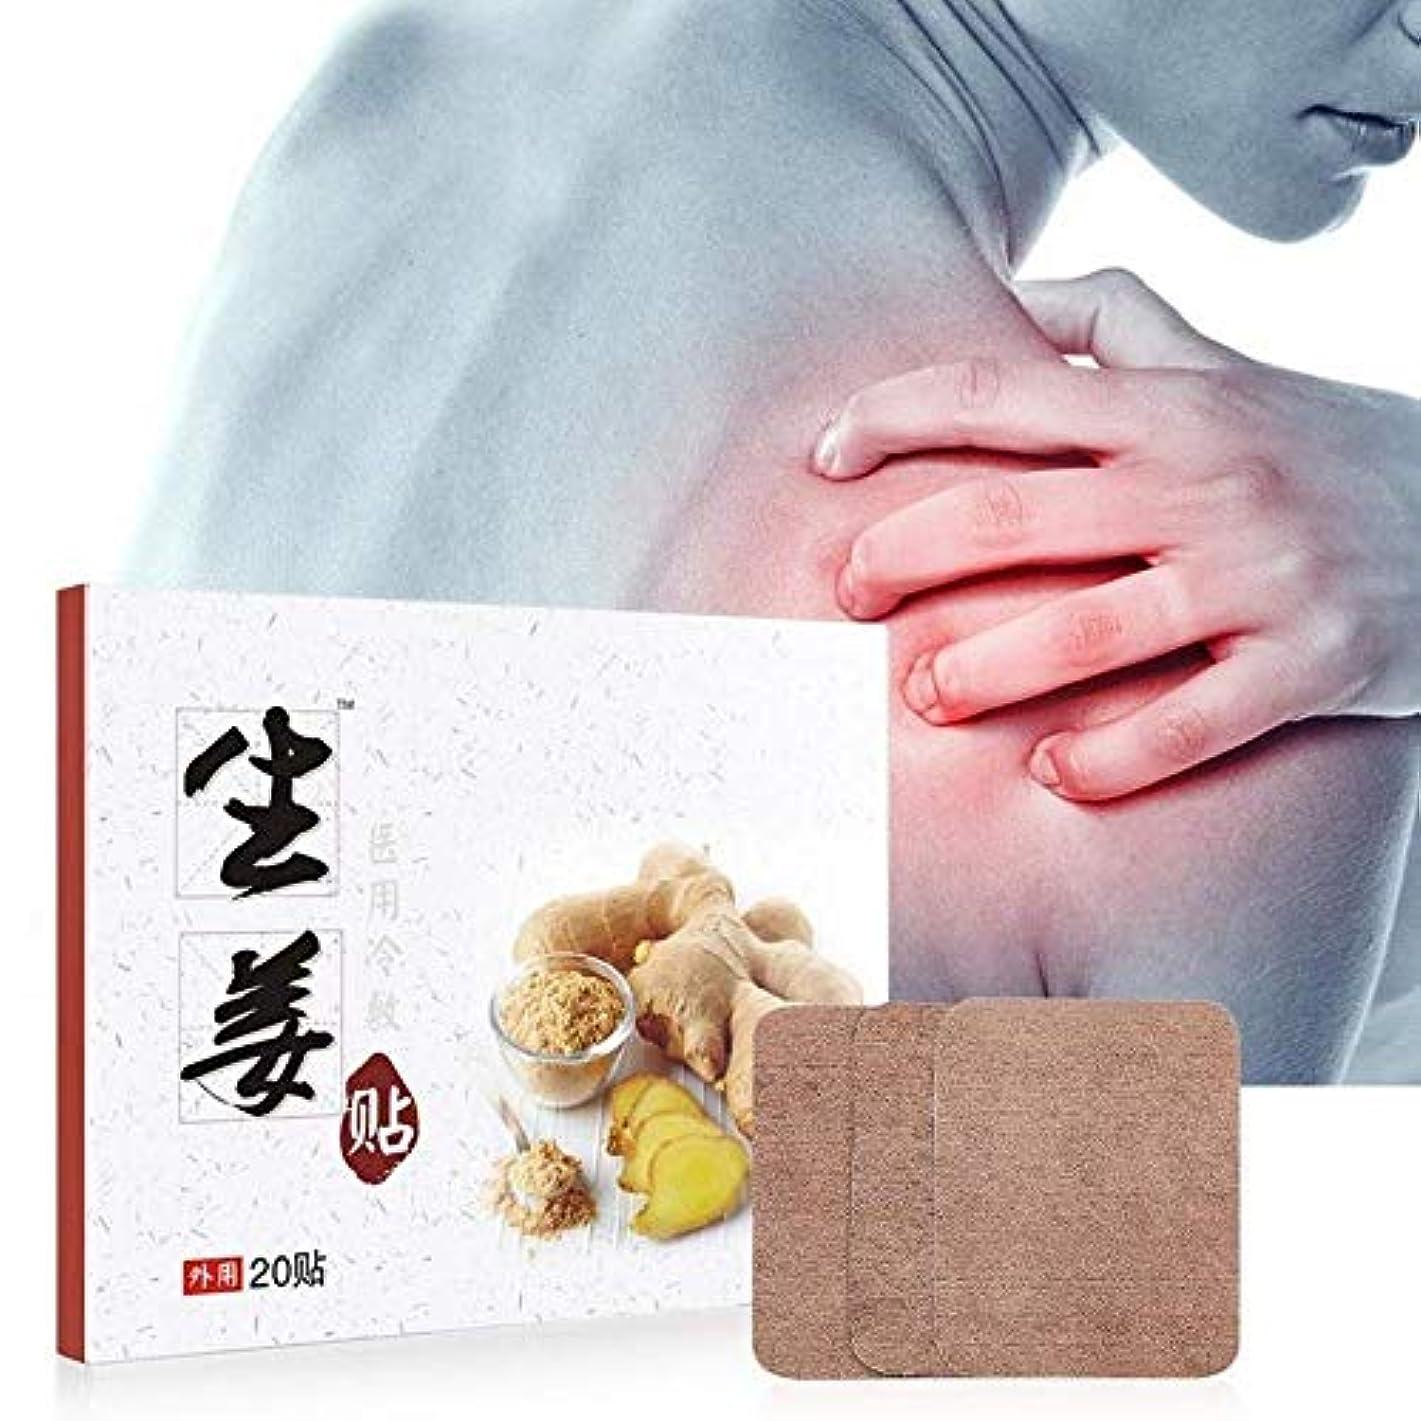 永遠にプラス特別に20ボックスジンジャーパッドジョイント頚椎痛みの軽減自発的ヒートステッカー防寒保温